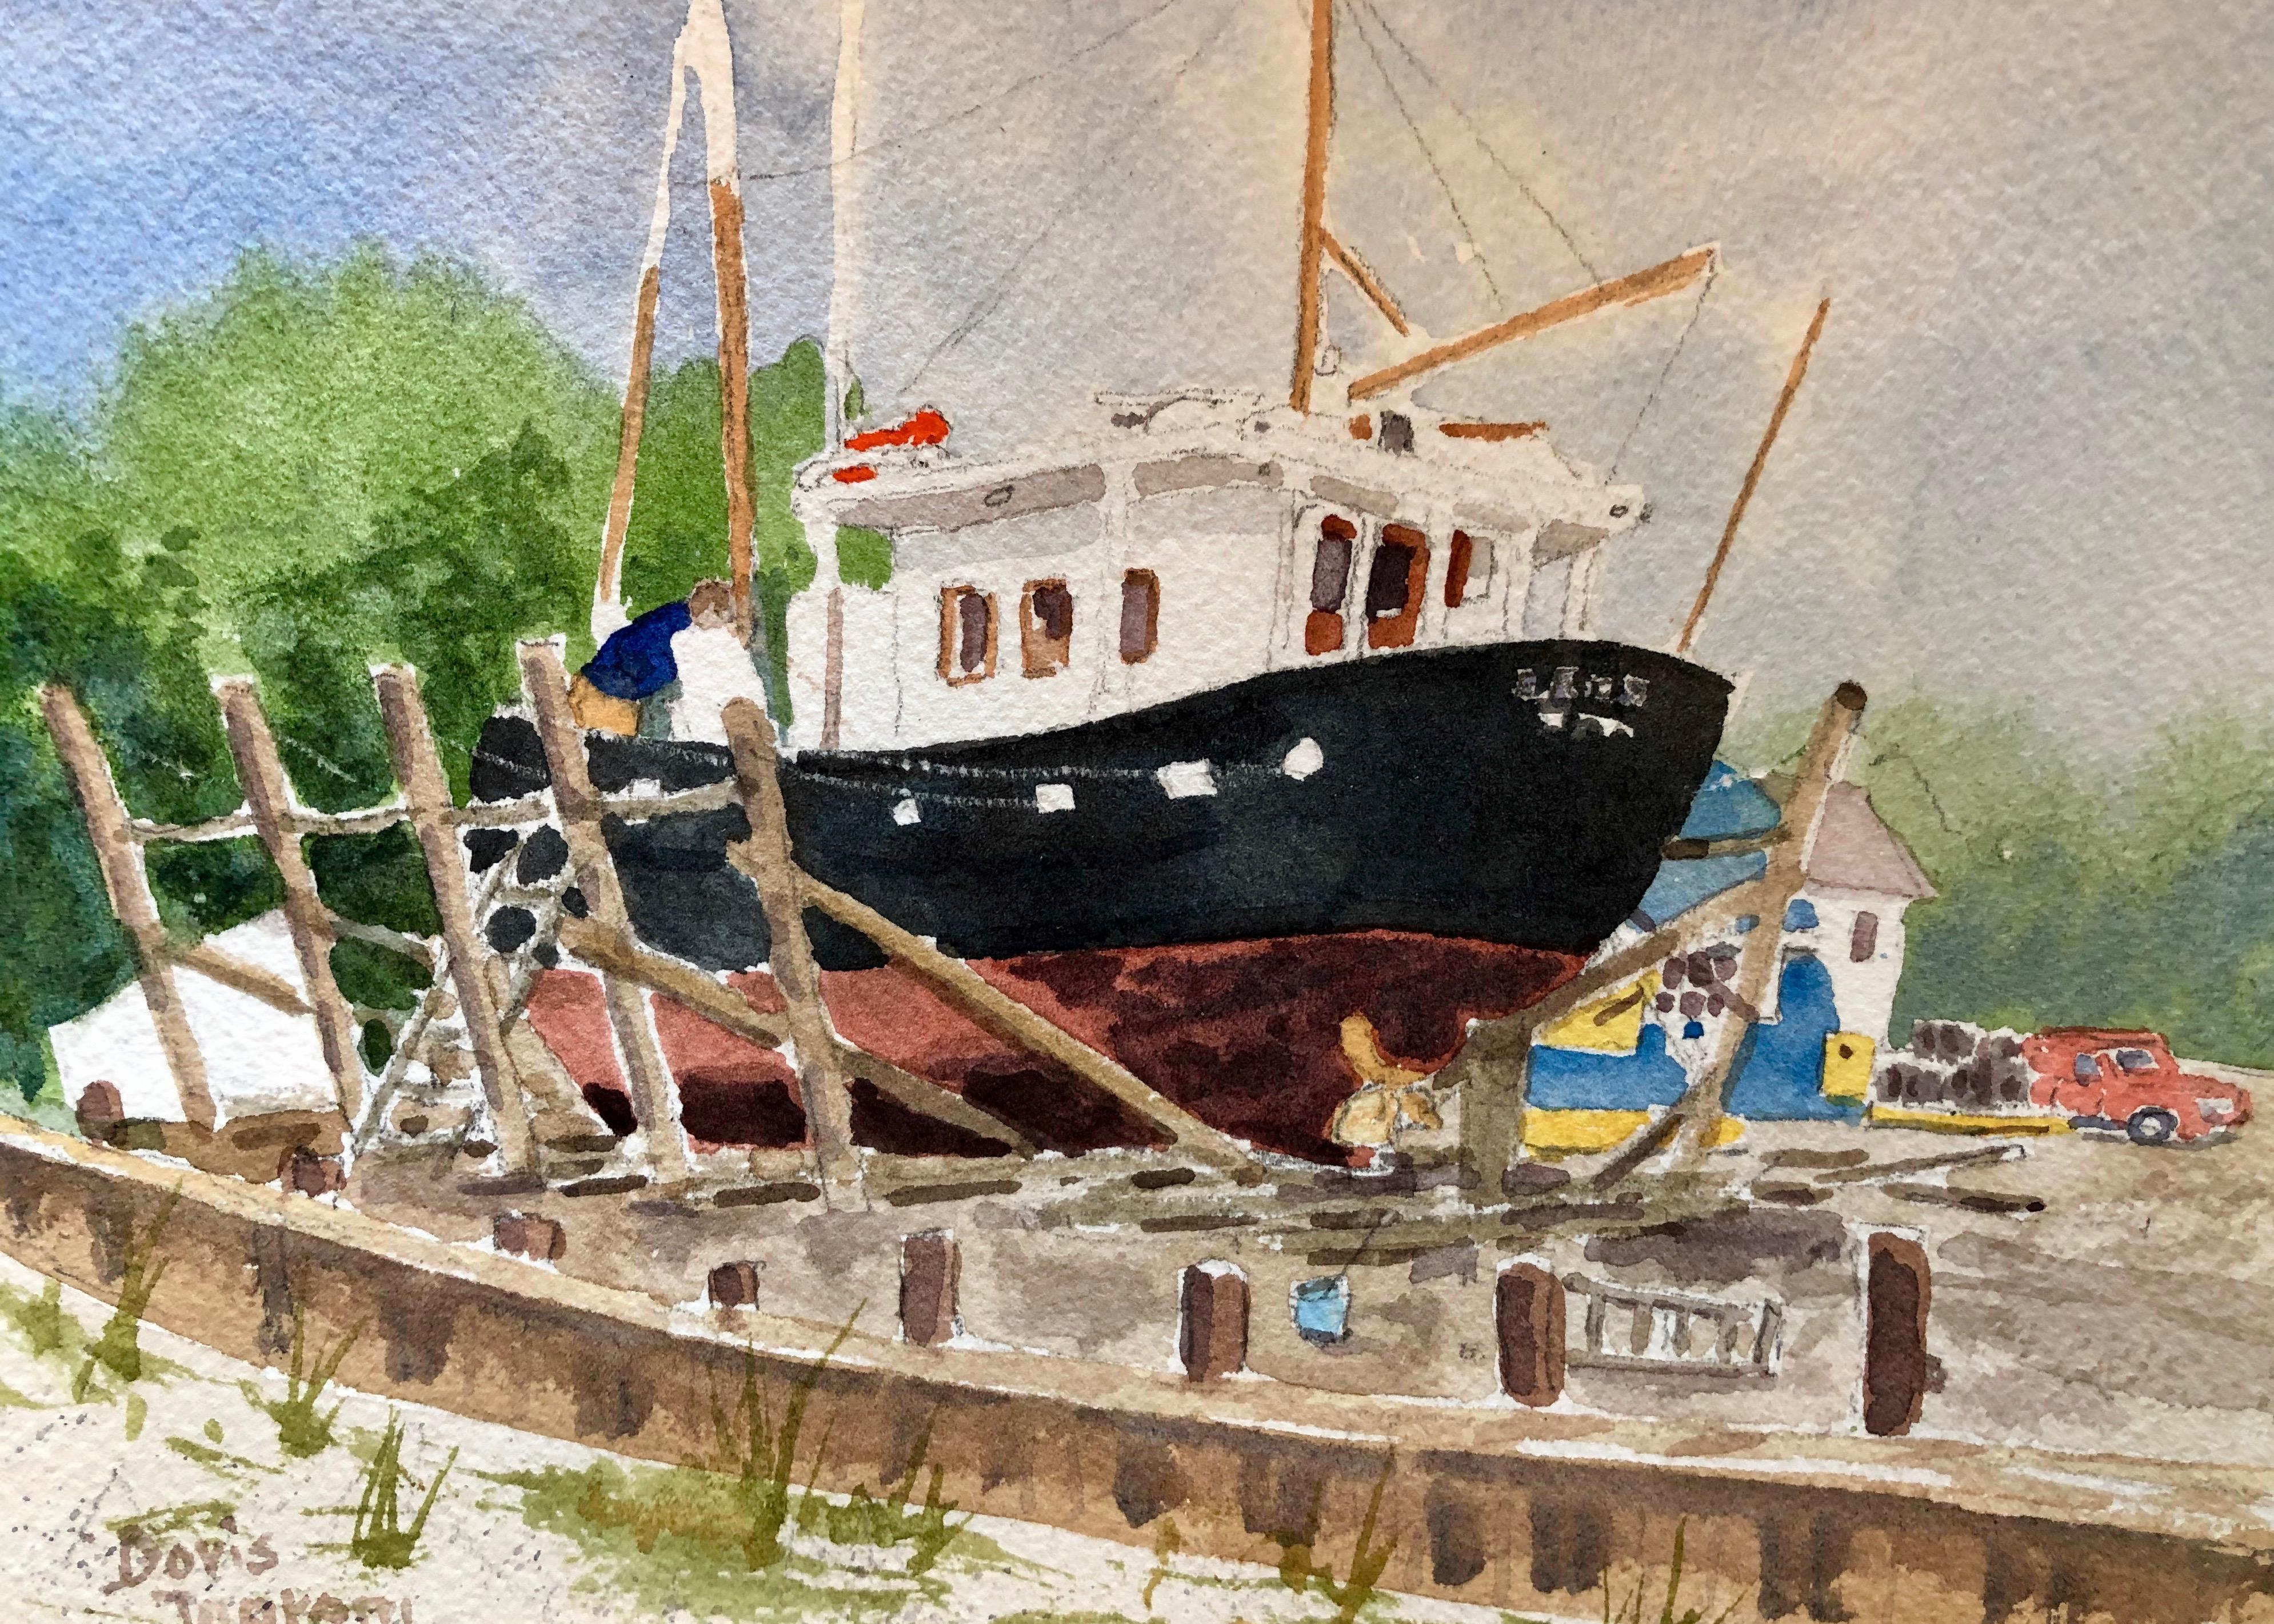 Artist Doris Ingram